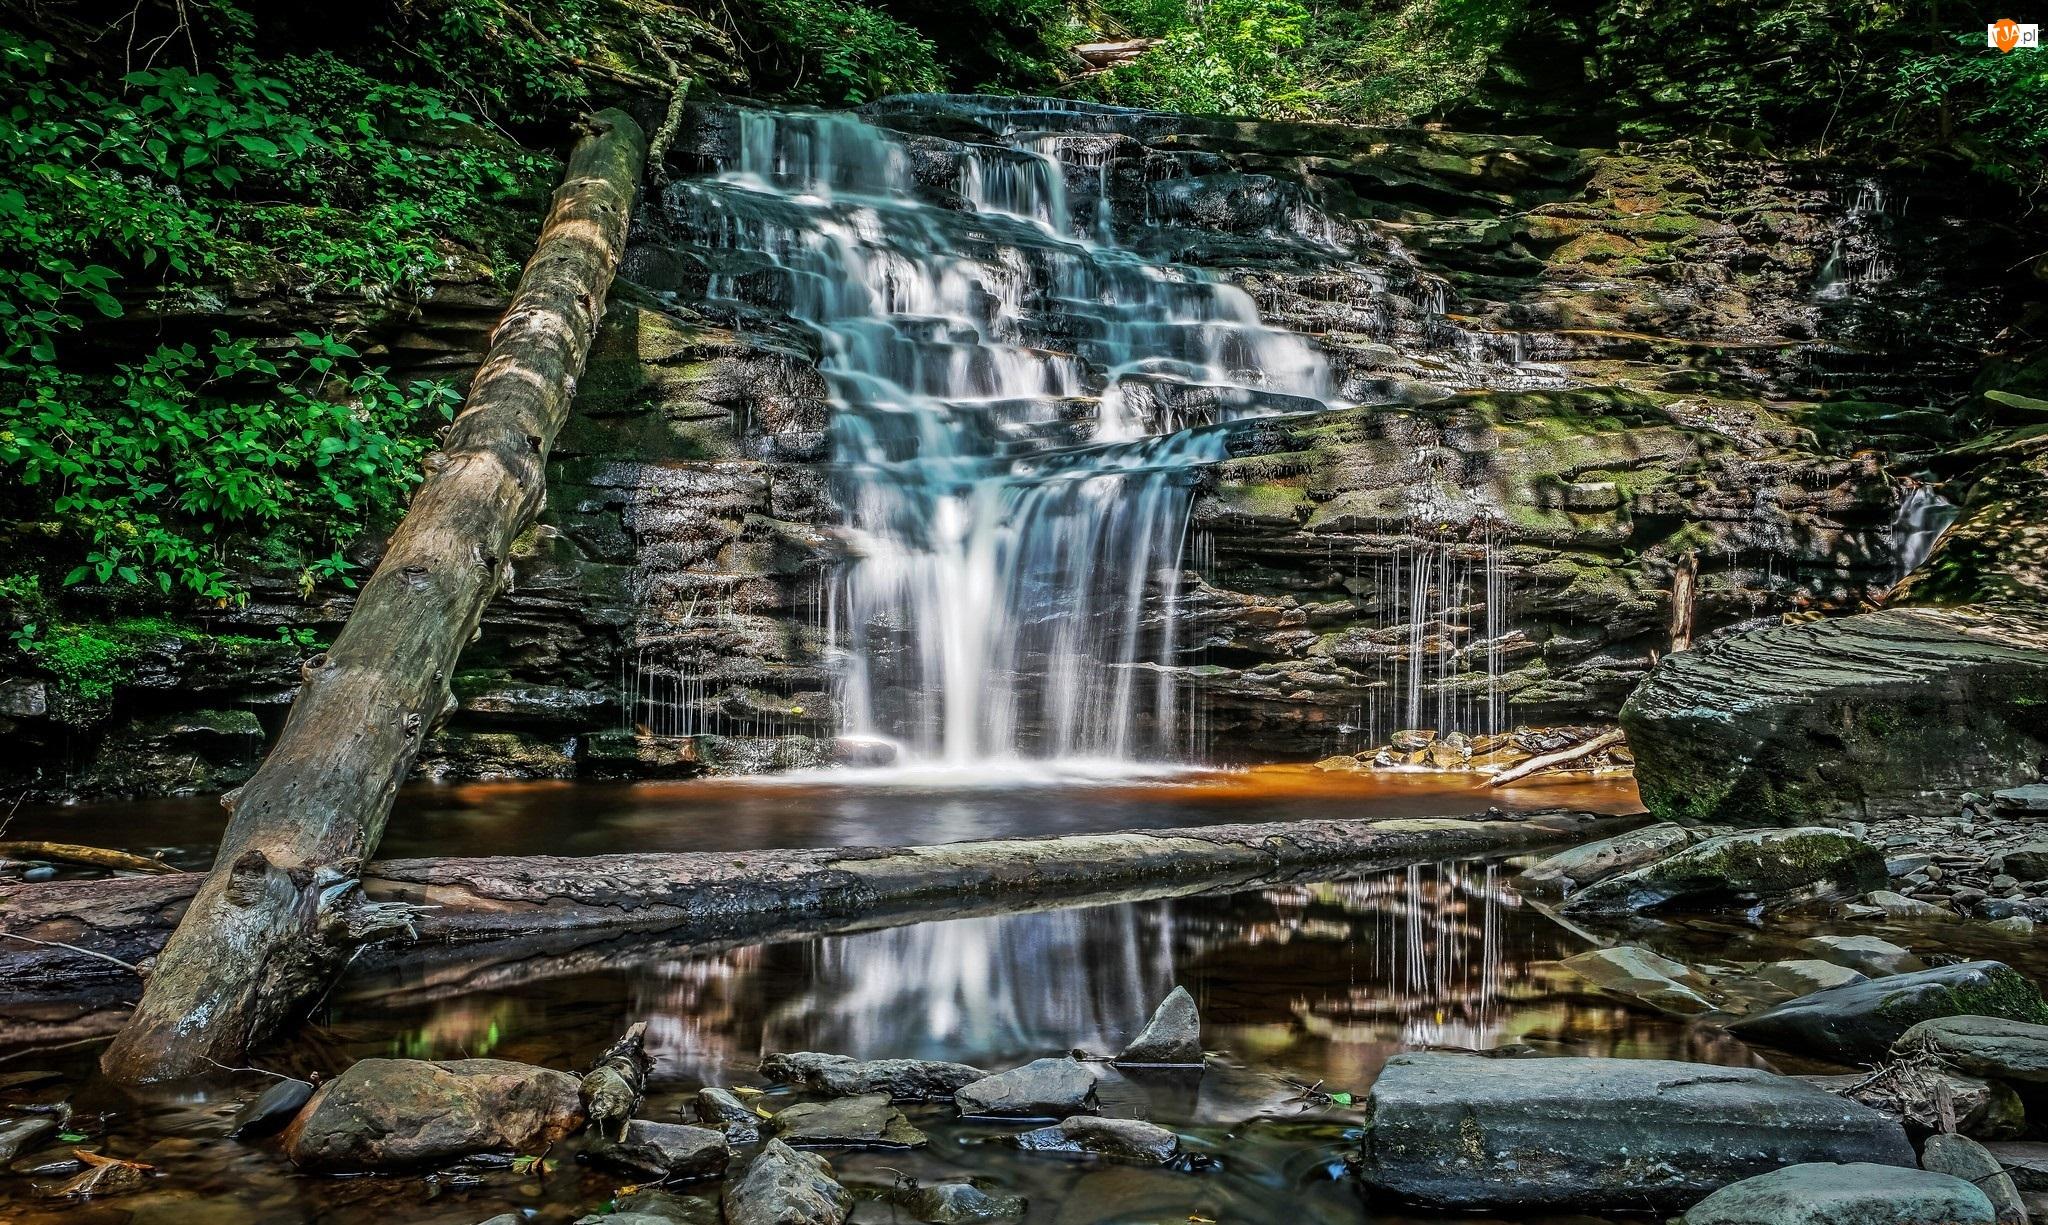 Wodospad, Kamienie, Skały, Drzewa